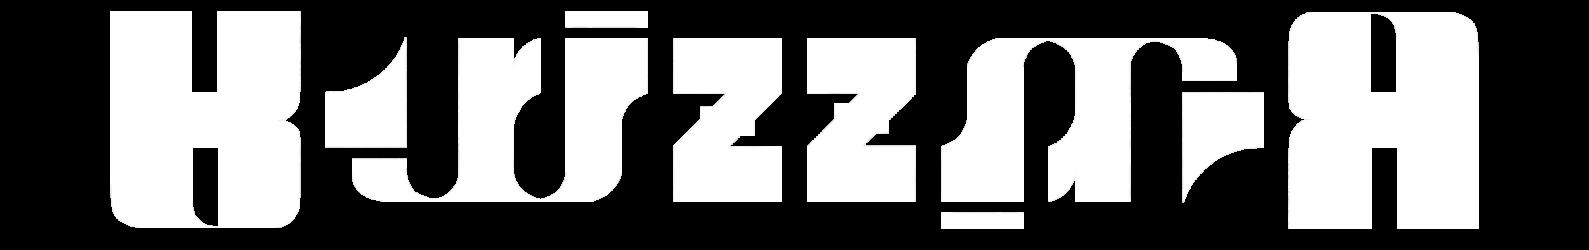 K-RIZZMA